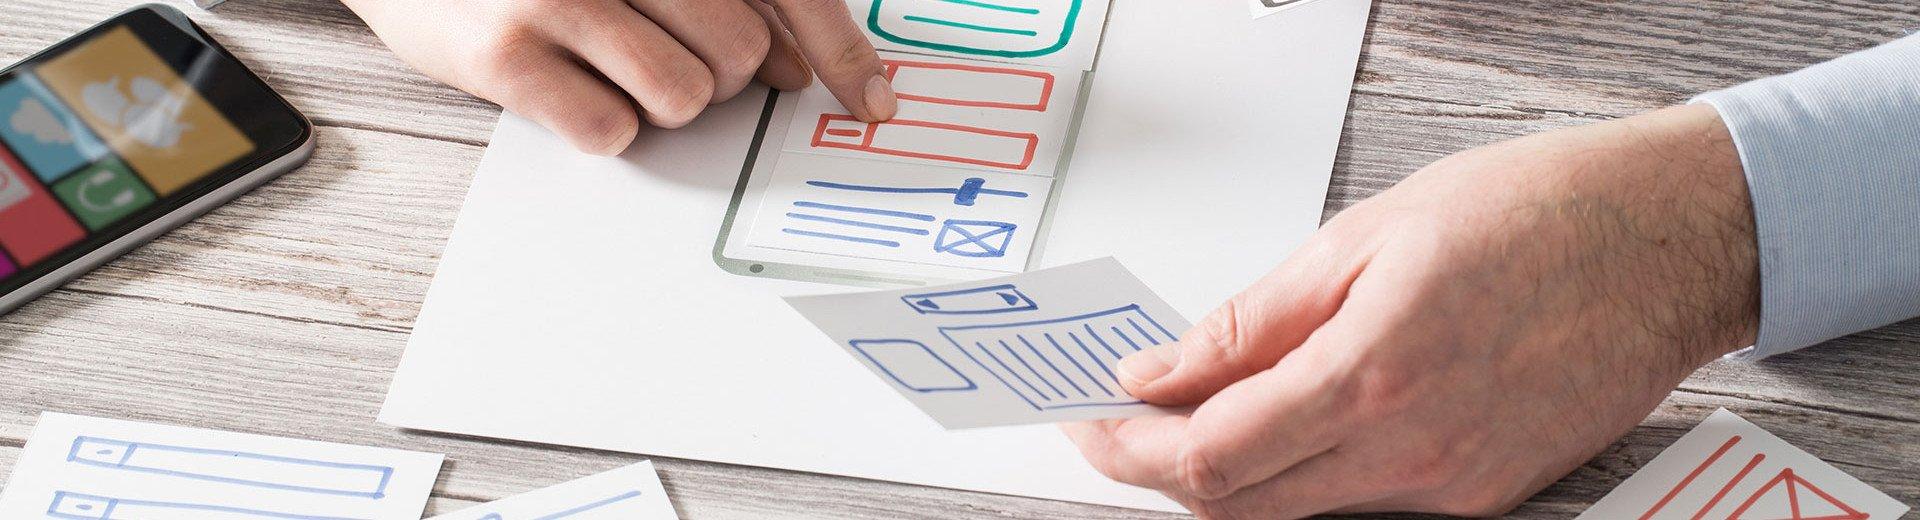 Okładka artykułu Tworzenie makiet stron internetowych — Praktyczne porady